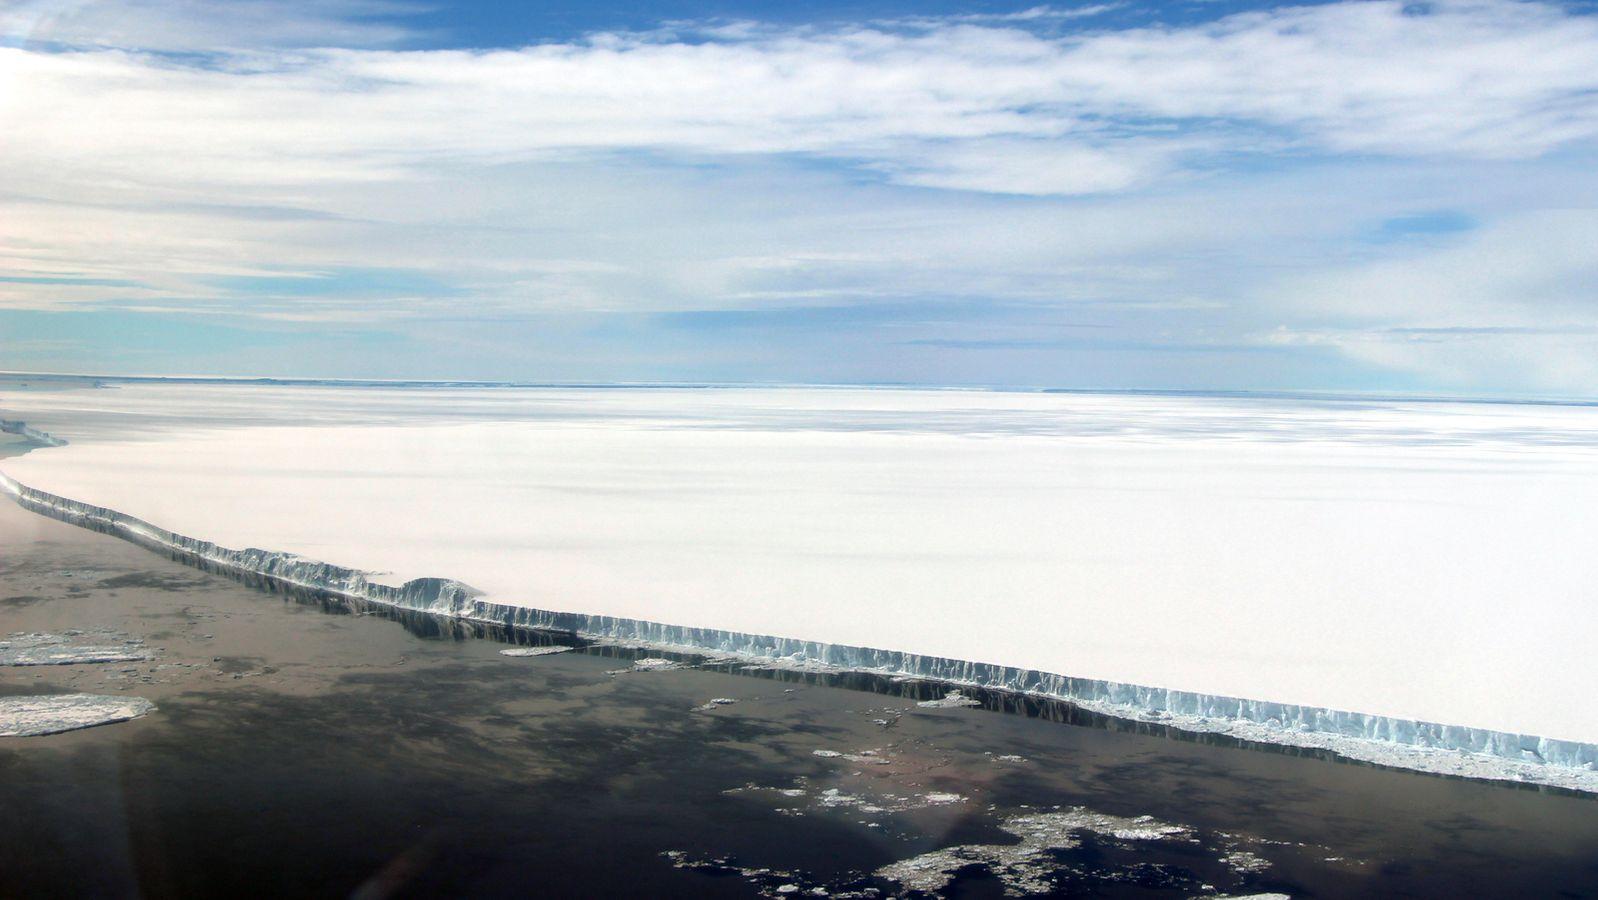 Drei Jahre nach Abbruch: Enormer Eisberg treibt im Südatlantik